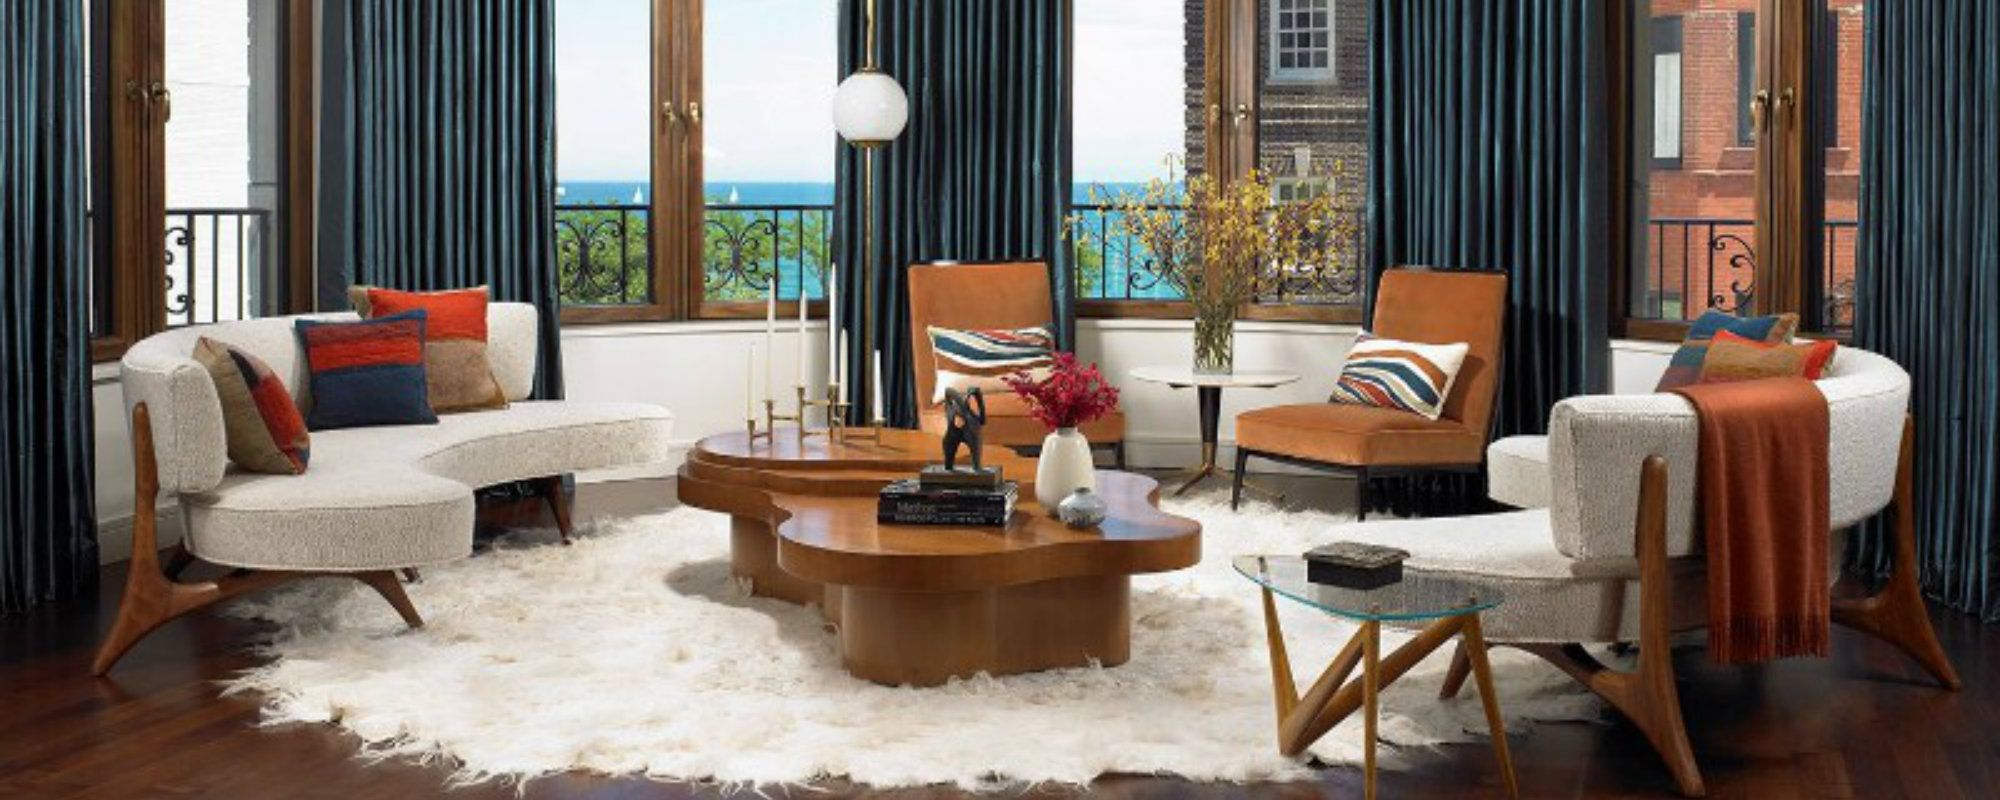 Tendencias 2019: Los 10 mejores diseñadores de interiores tendencias 2019 Tendencias 2019: Los 10 mejores diseñadores de interiores Amy Lau